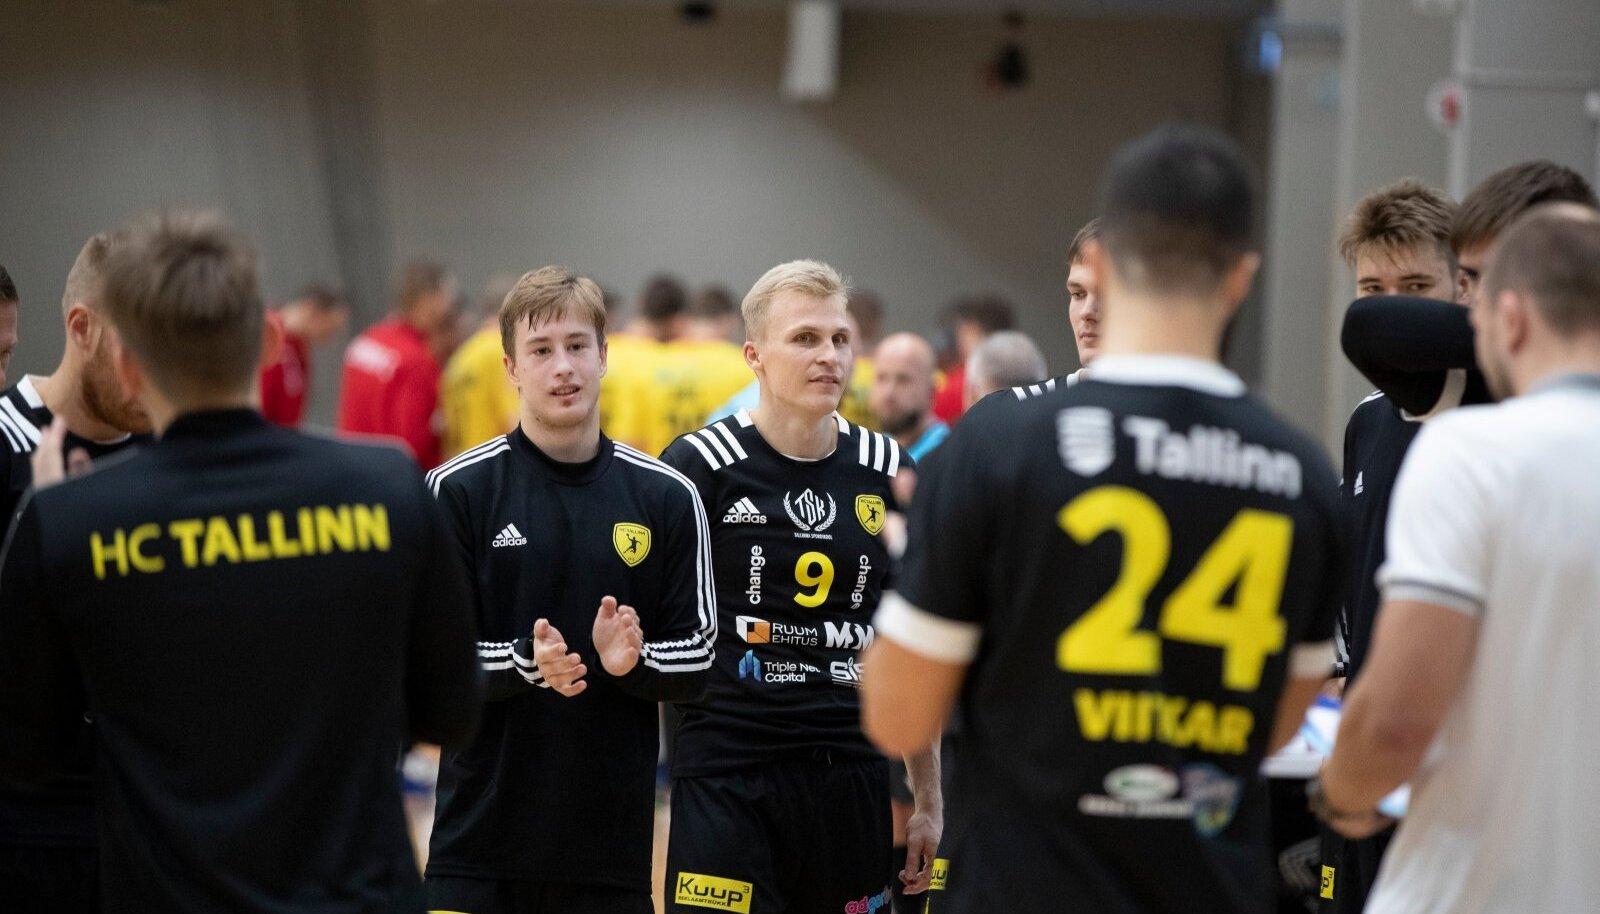 Käsipall HC Tallinn vs Cocks 4.10.2020